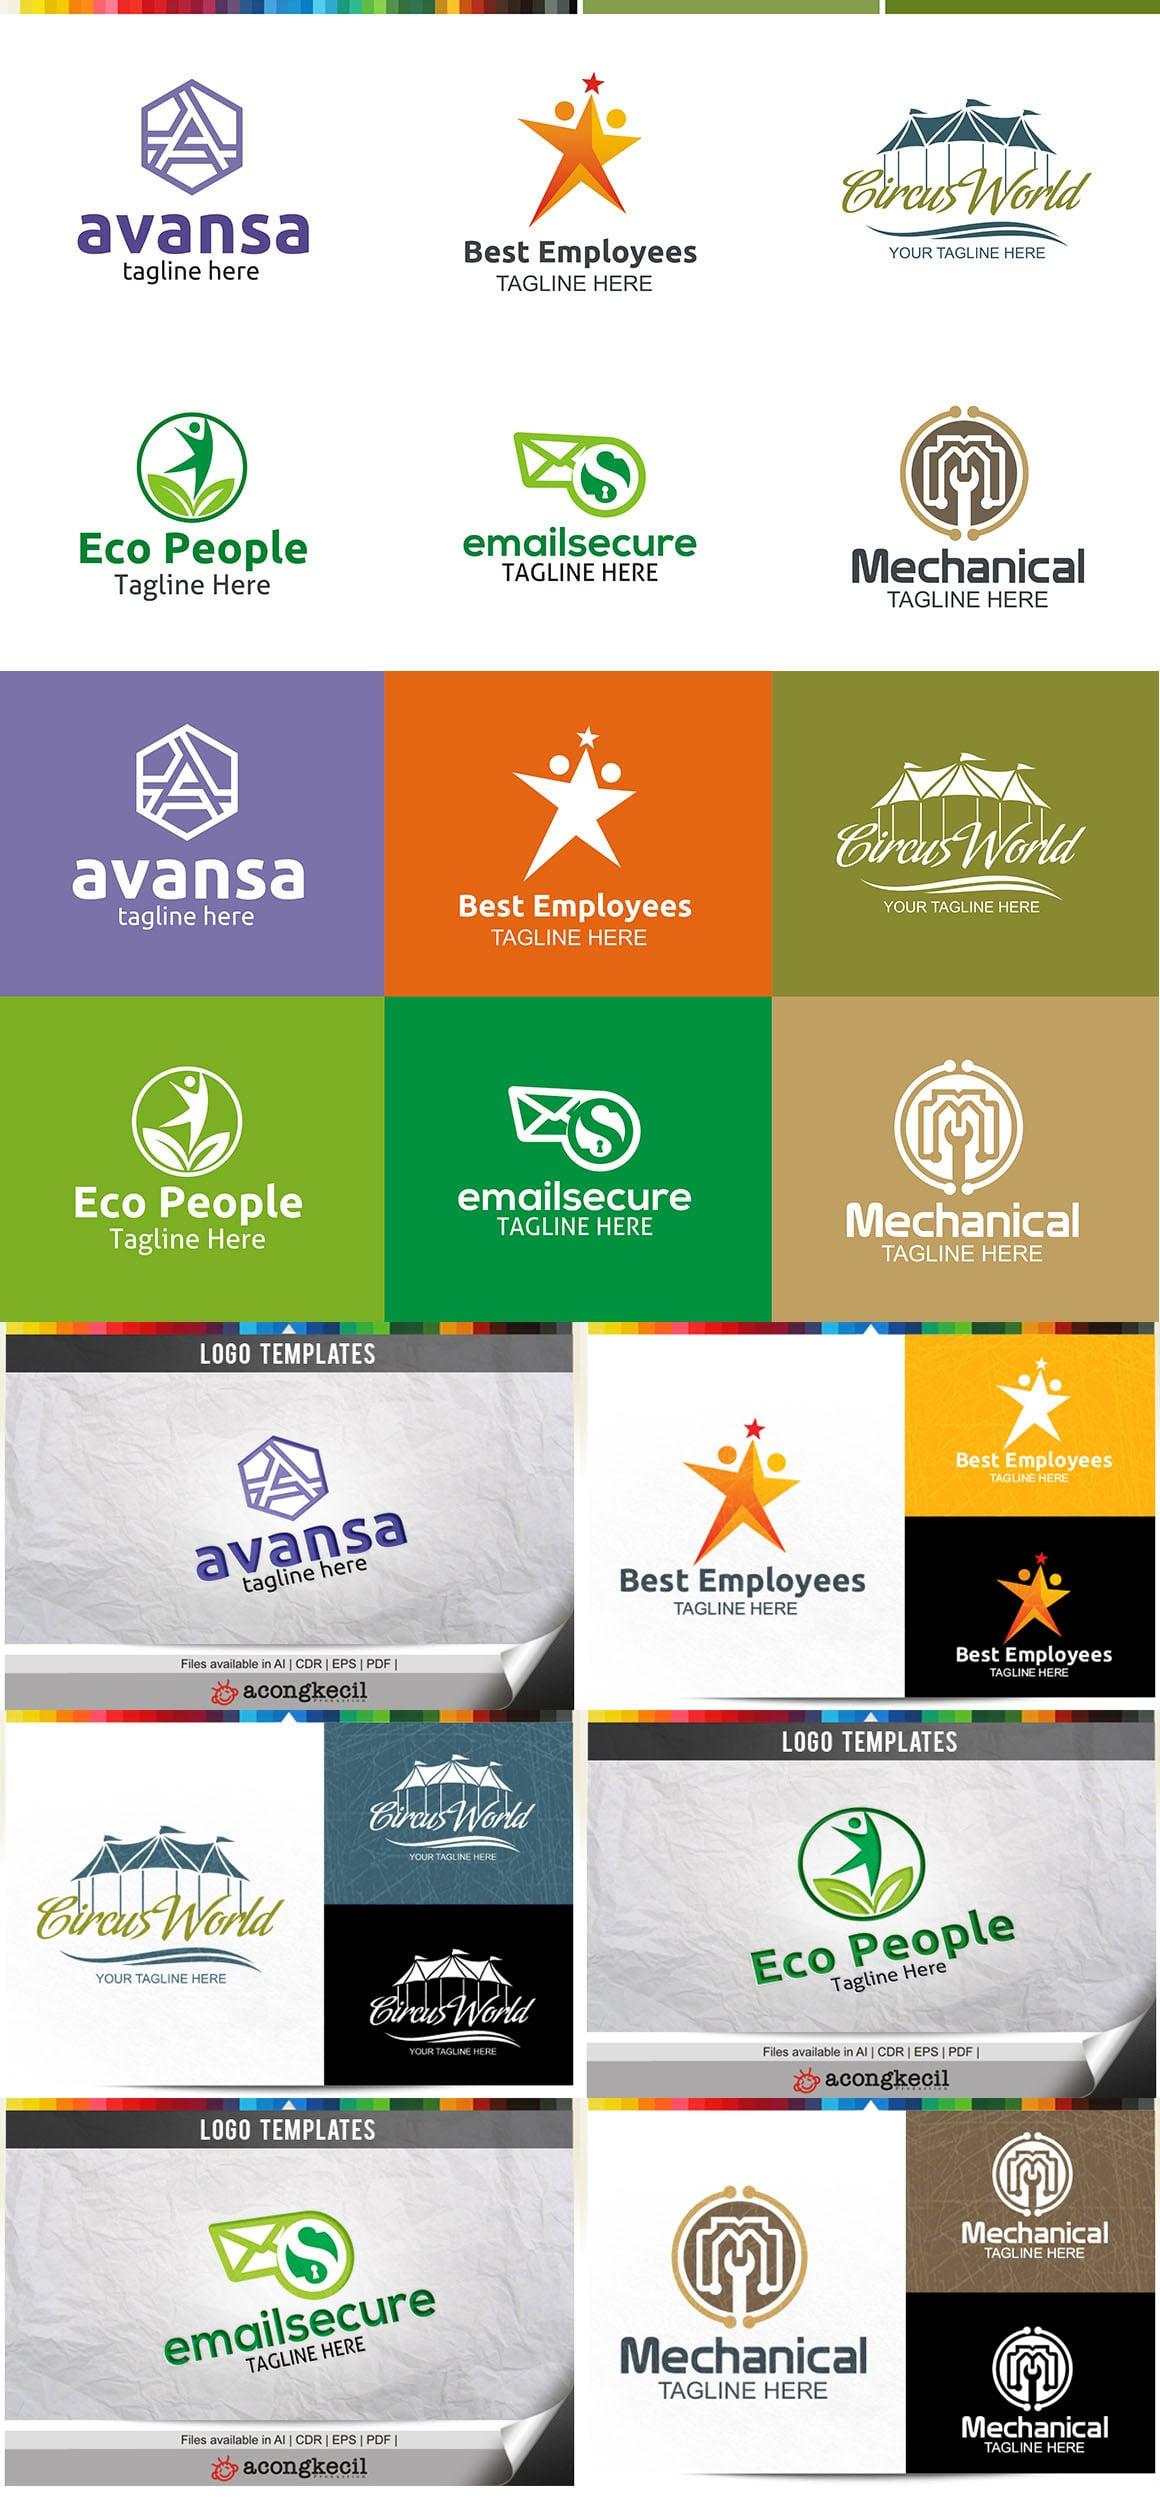 446 Business Logo Bundle - 99%+ OFF - Bundle 09 Preview5A